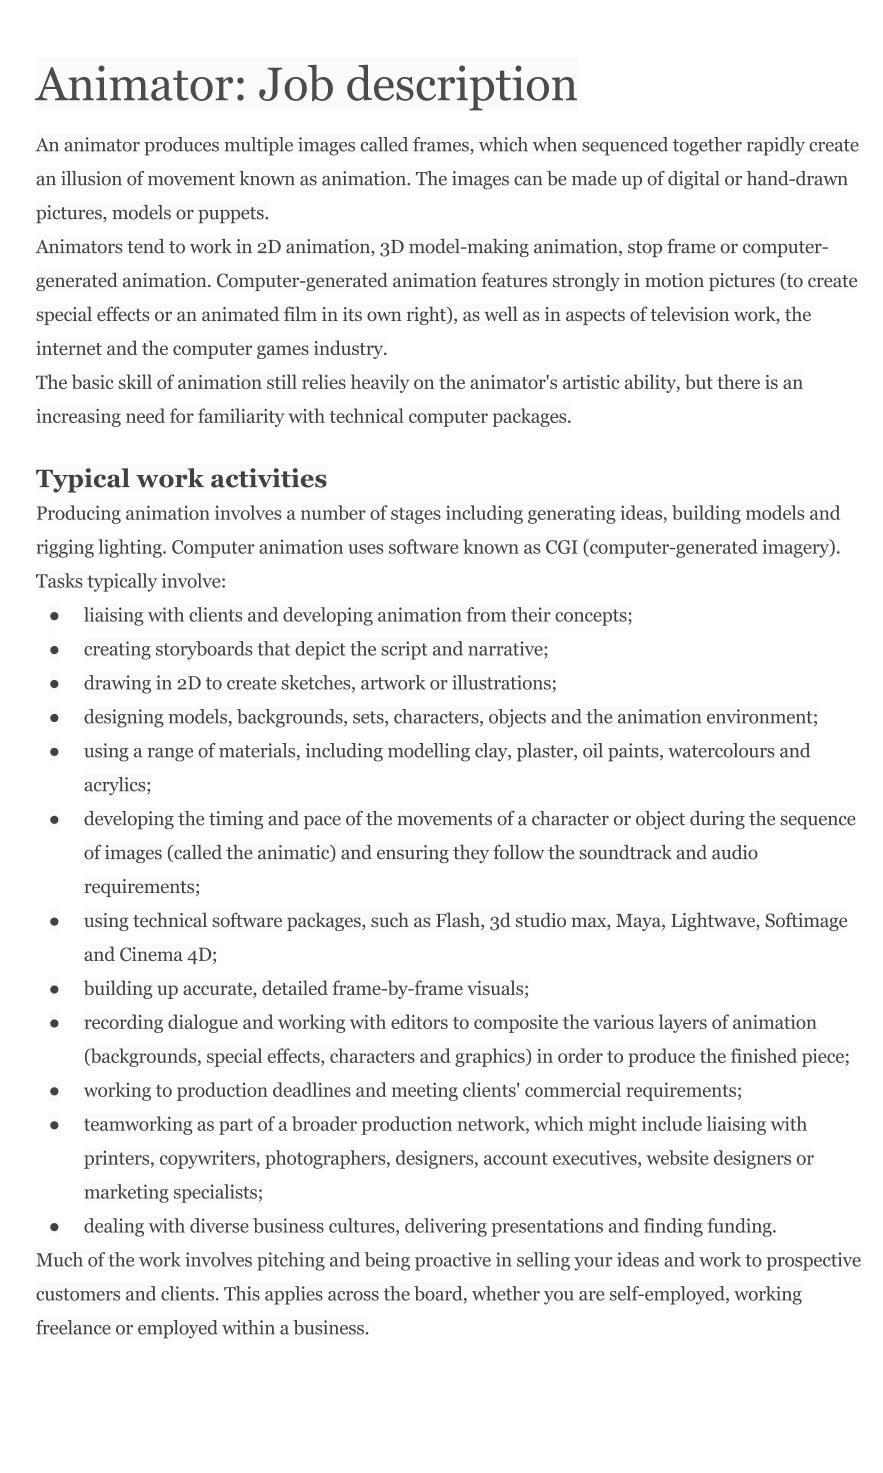 animator job description